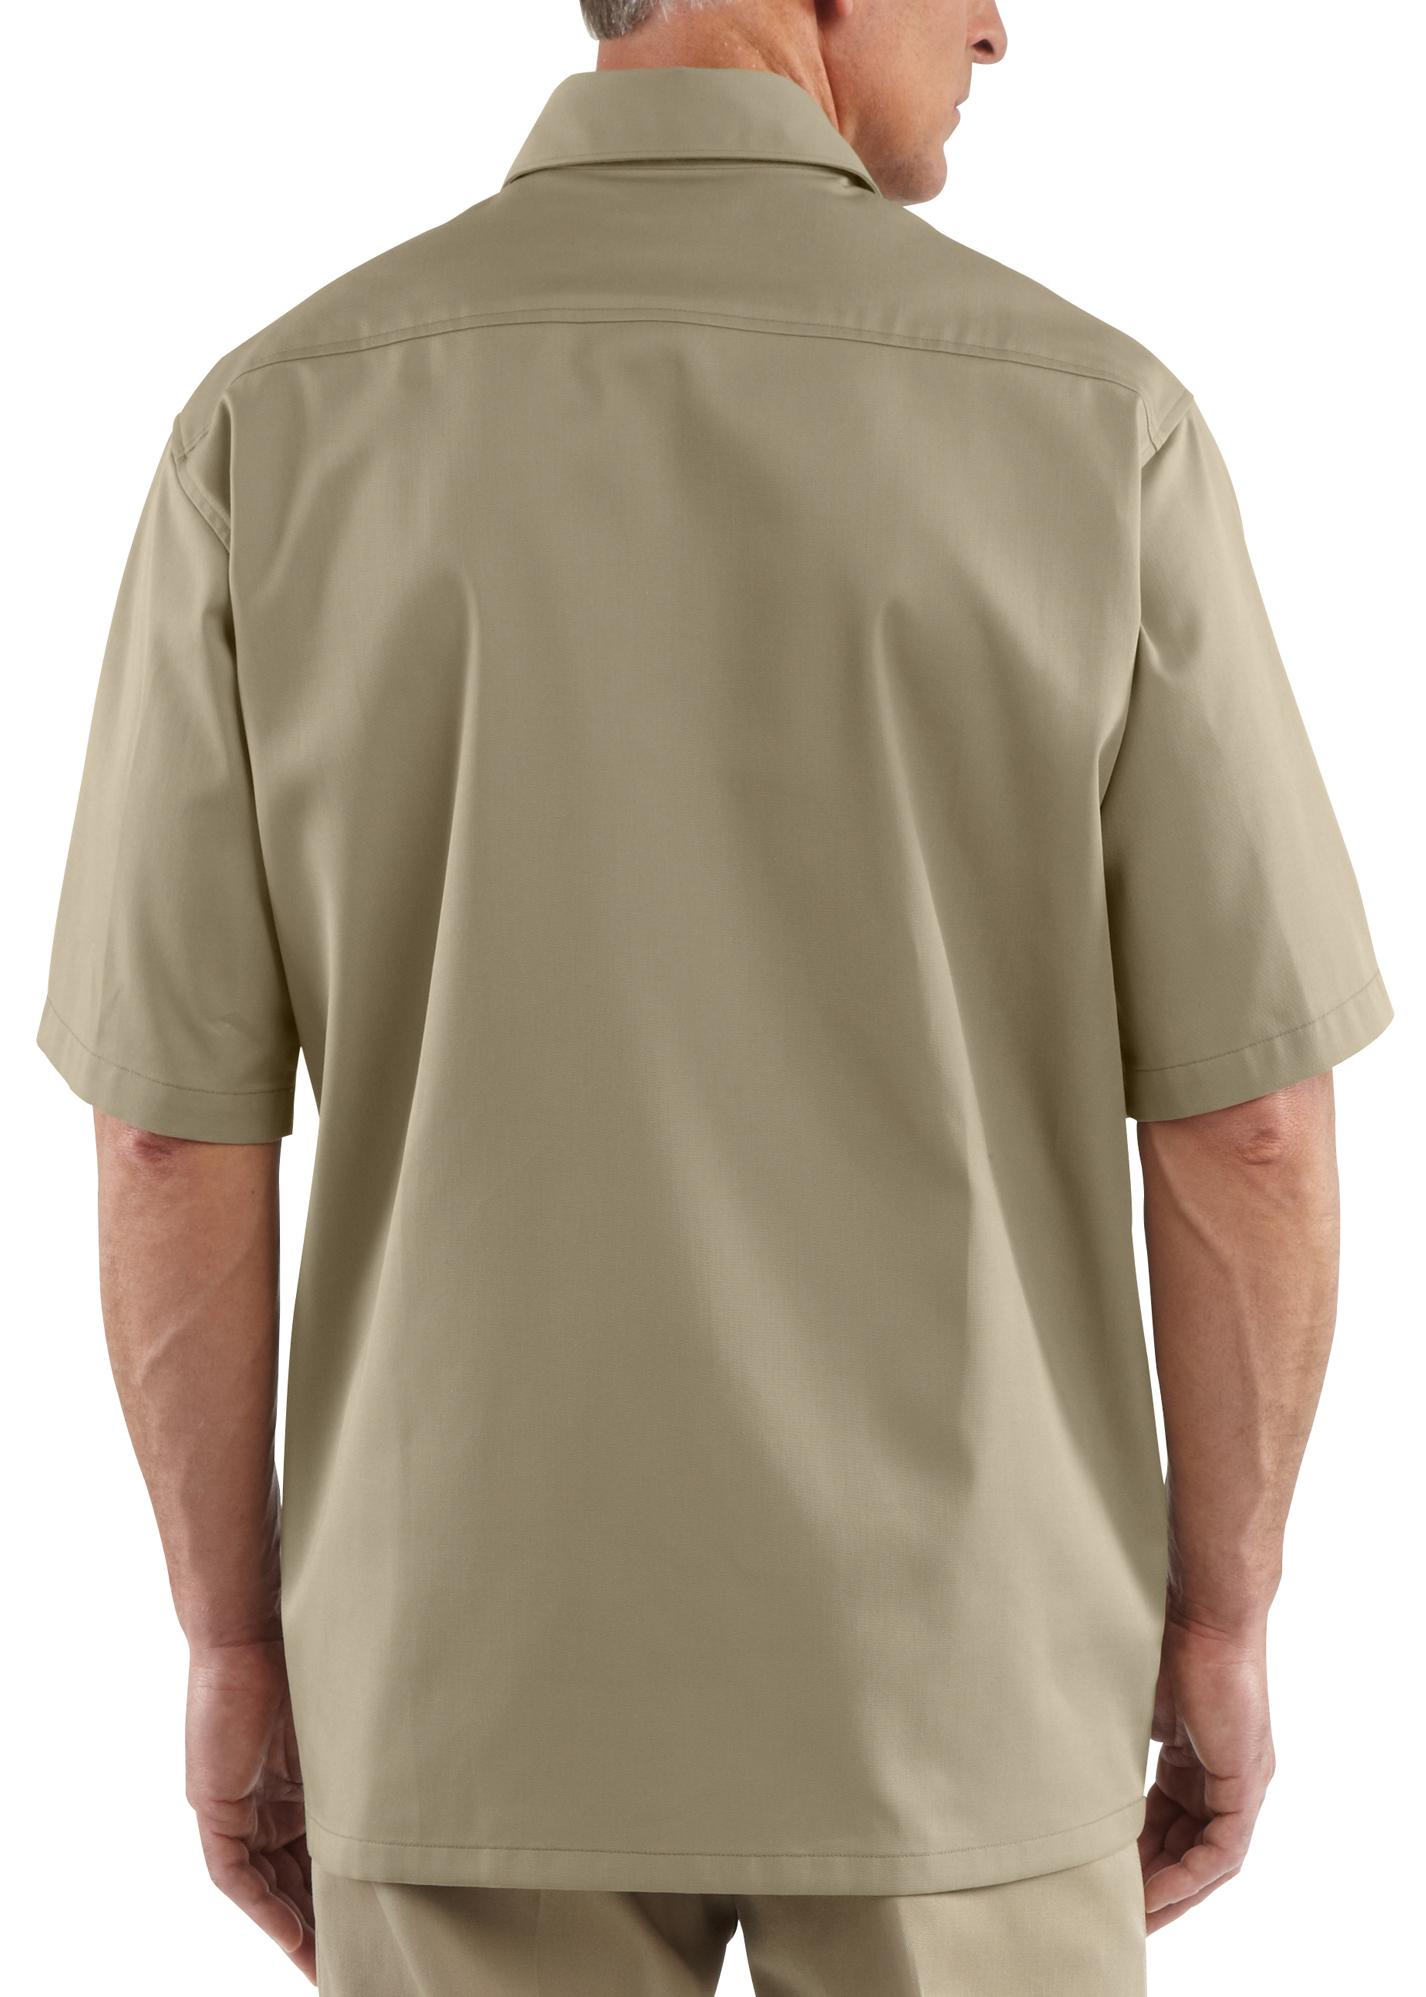 Carhartt twill work short sleeve work shirt big tall for Carhartt work shirts tall